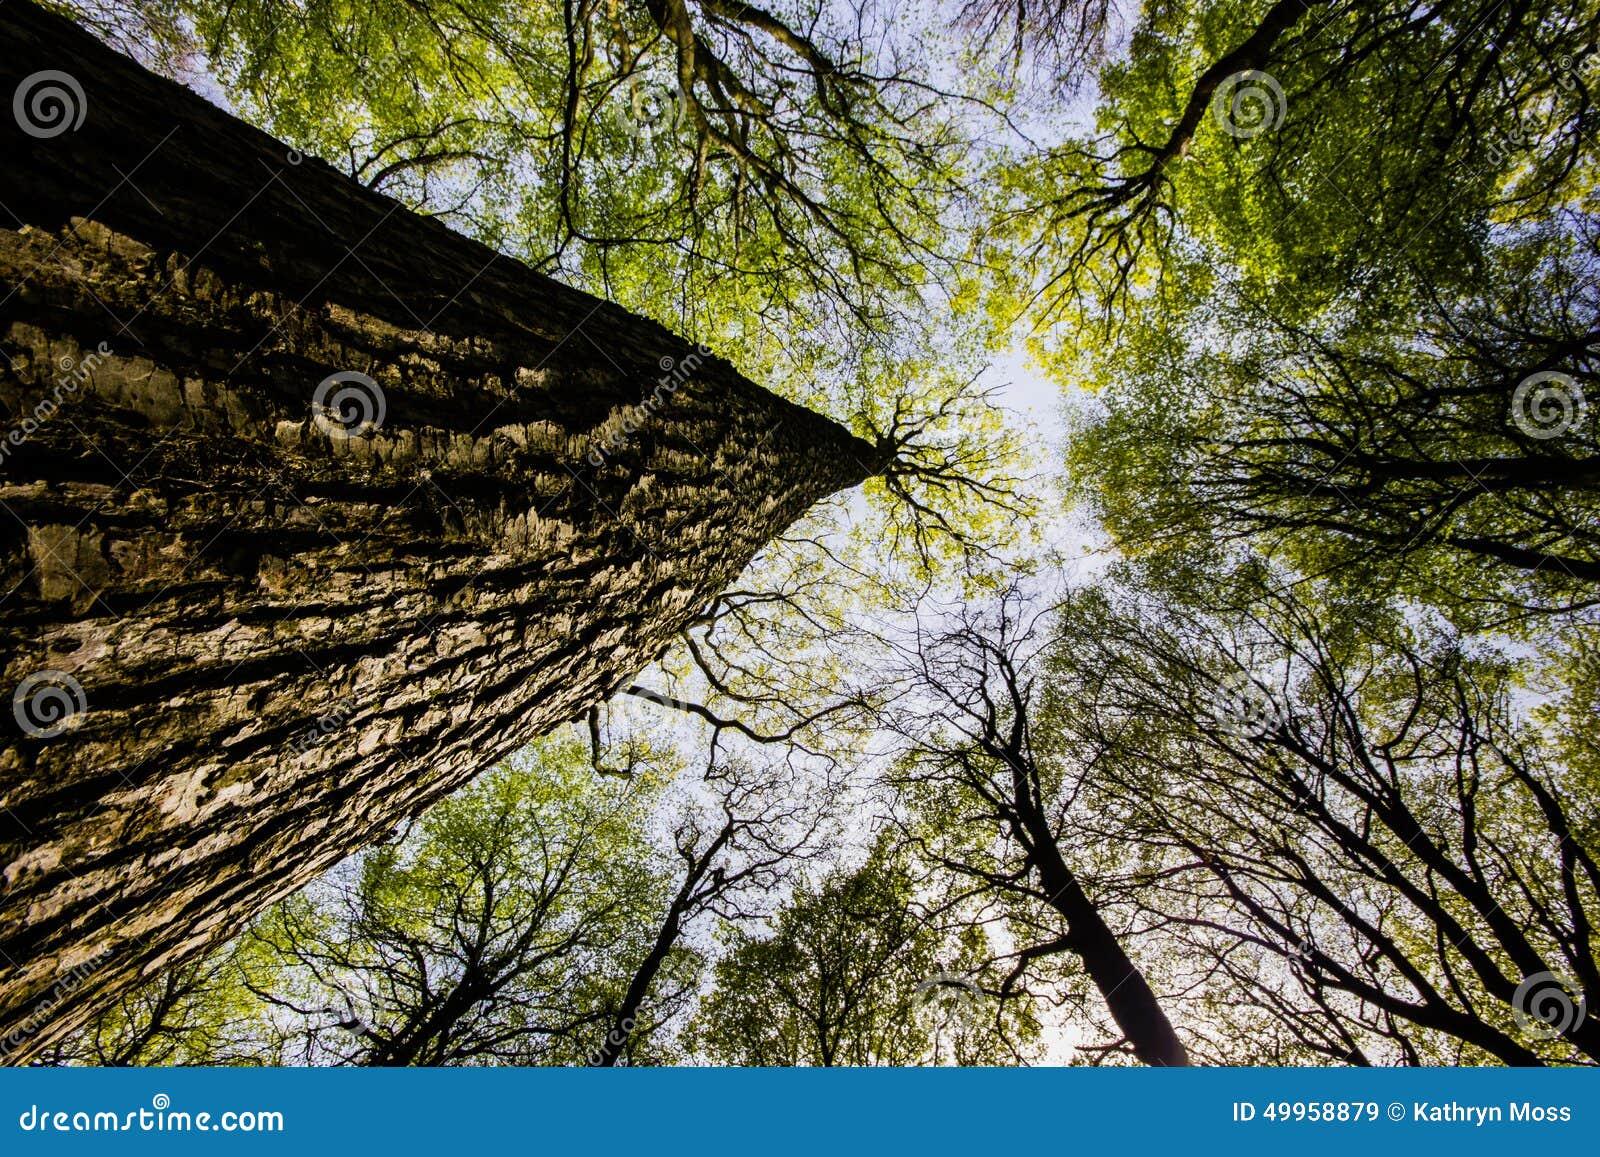 tronc d arbre regardant vers le ciel - Arbre Ciel